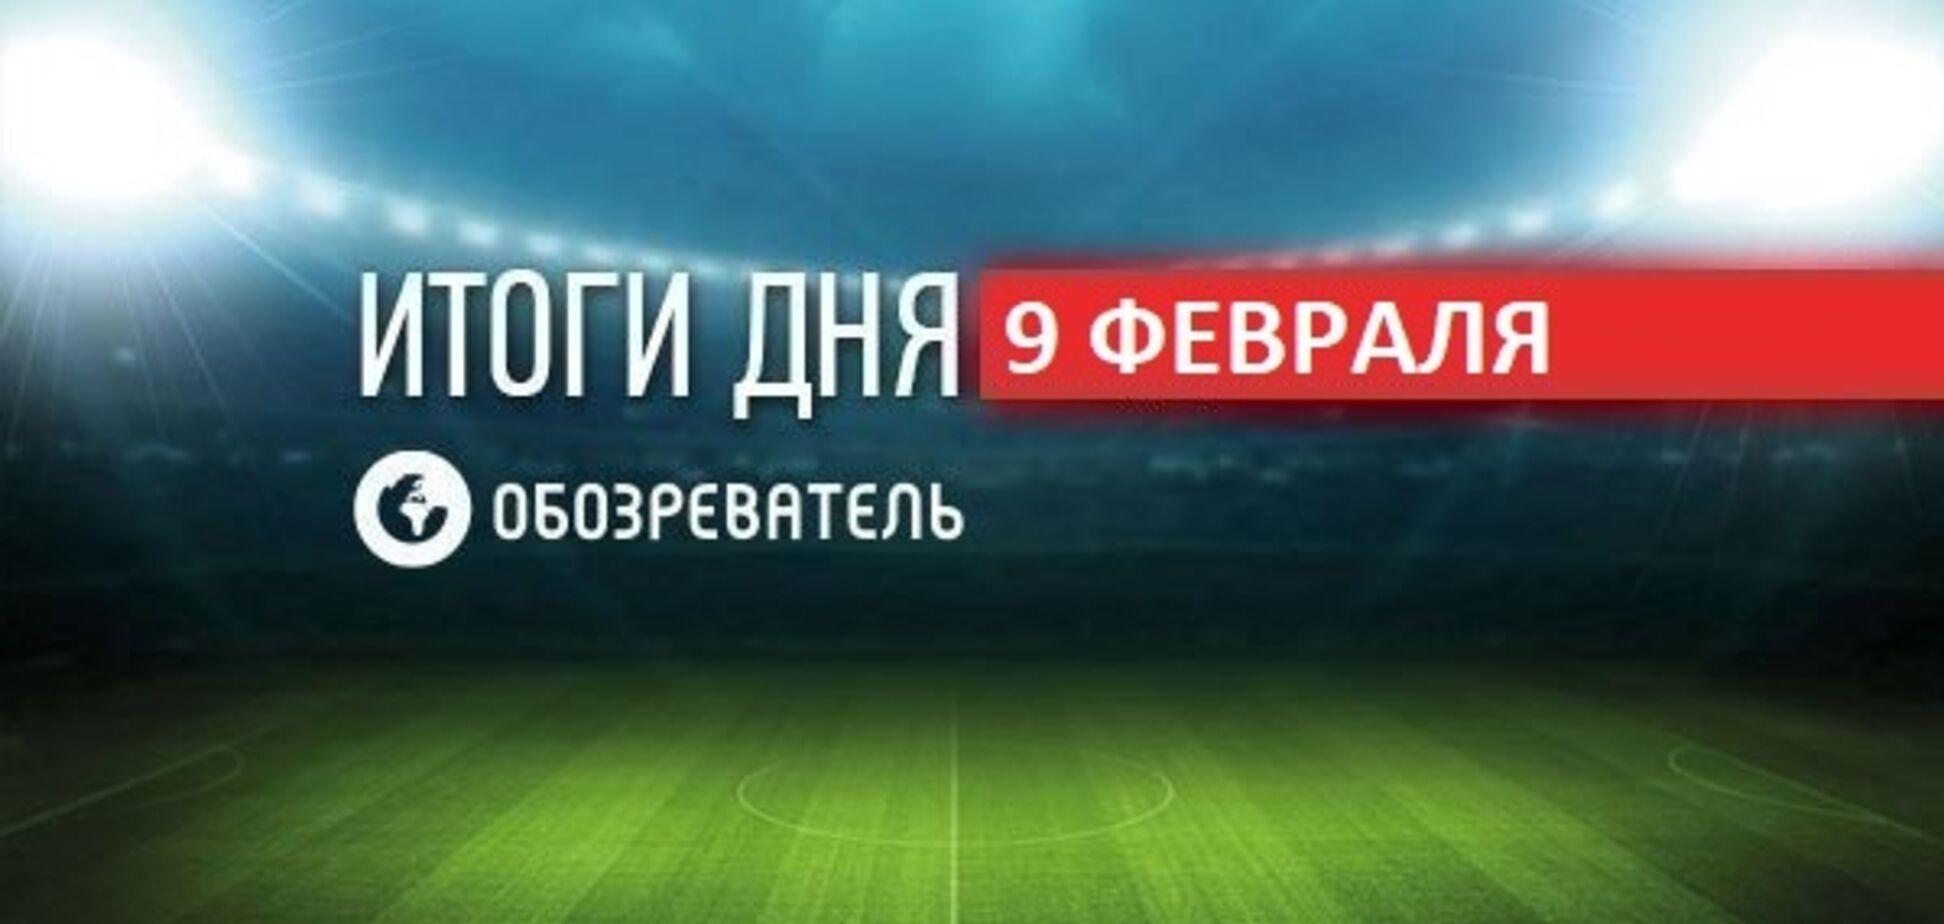 Украинец за 43 секунды выиграл дебютный бой: спортивные итоги 9 февраля